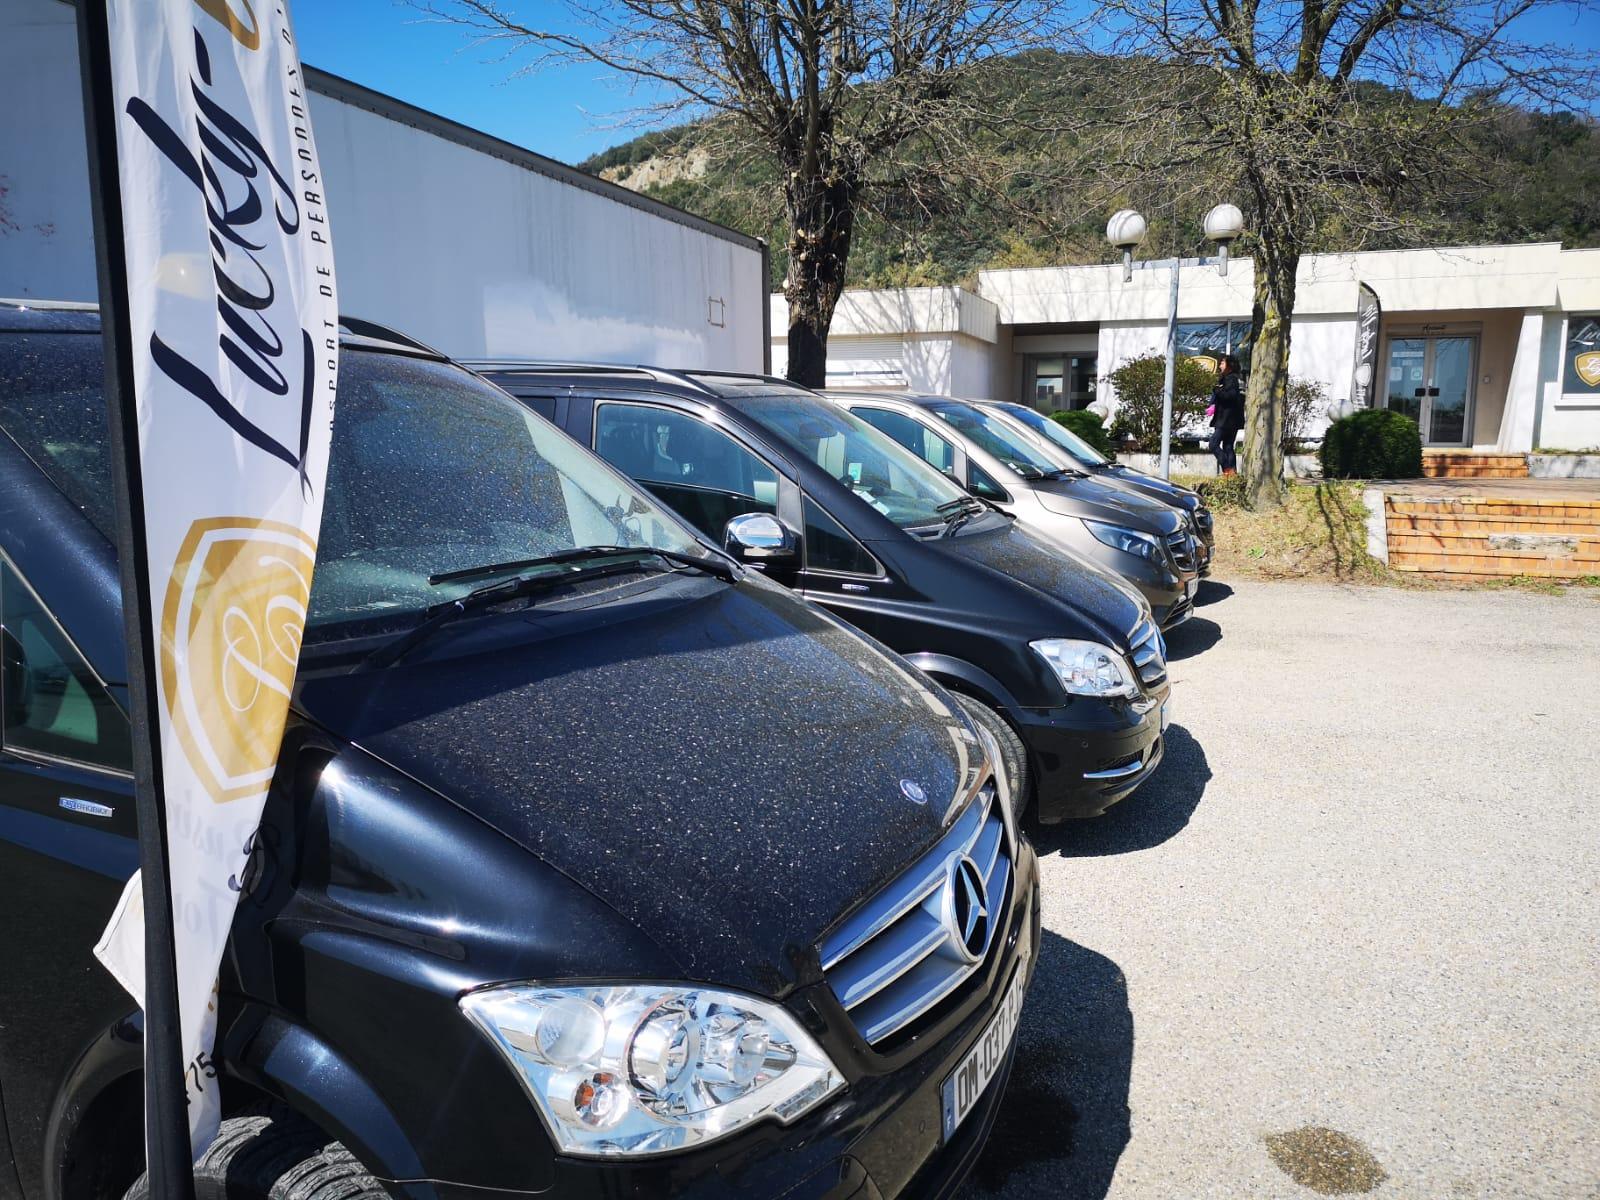 Location de voitures de luxe Ardèche